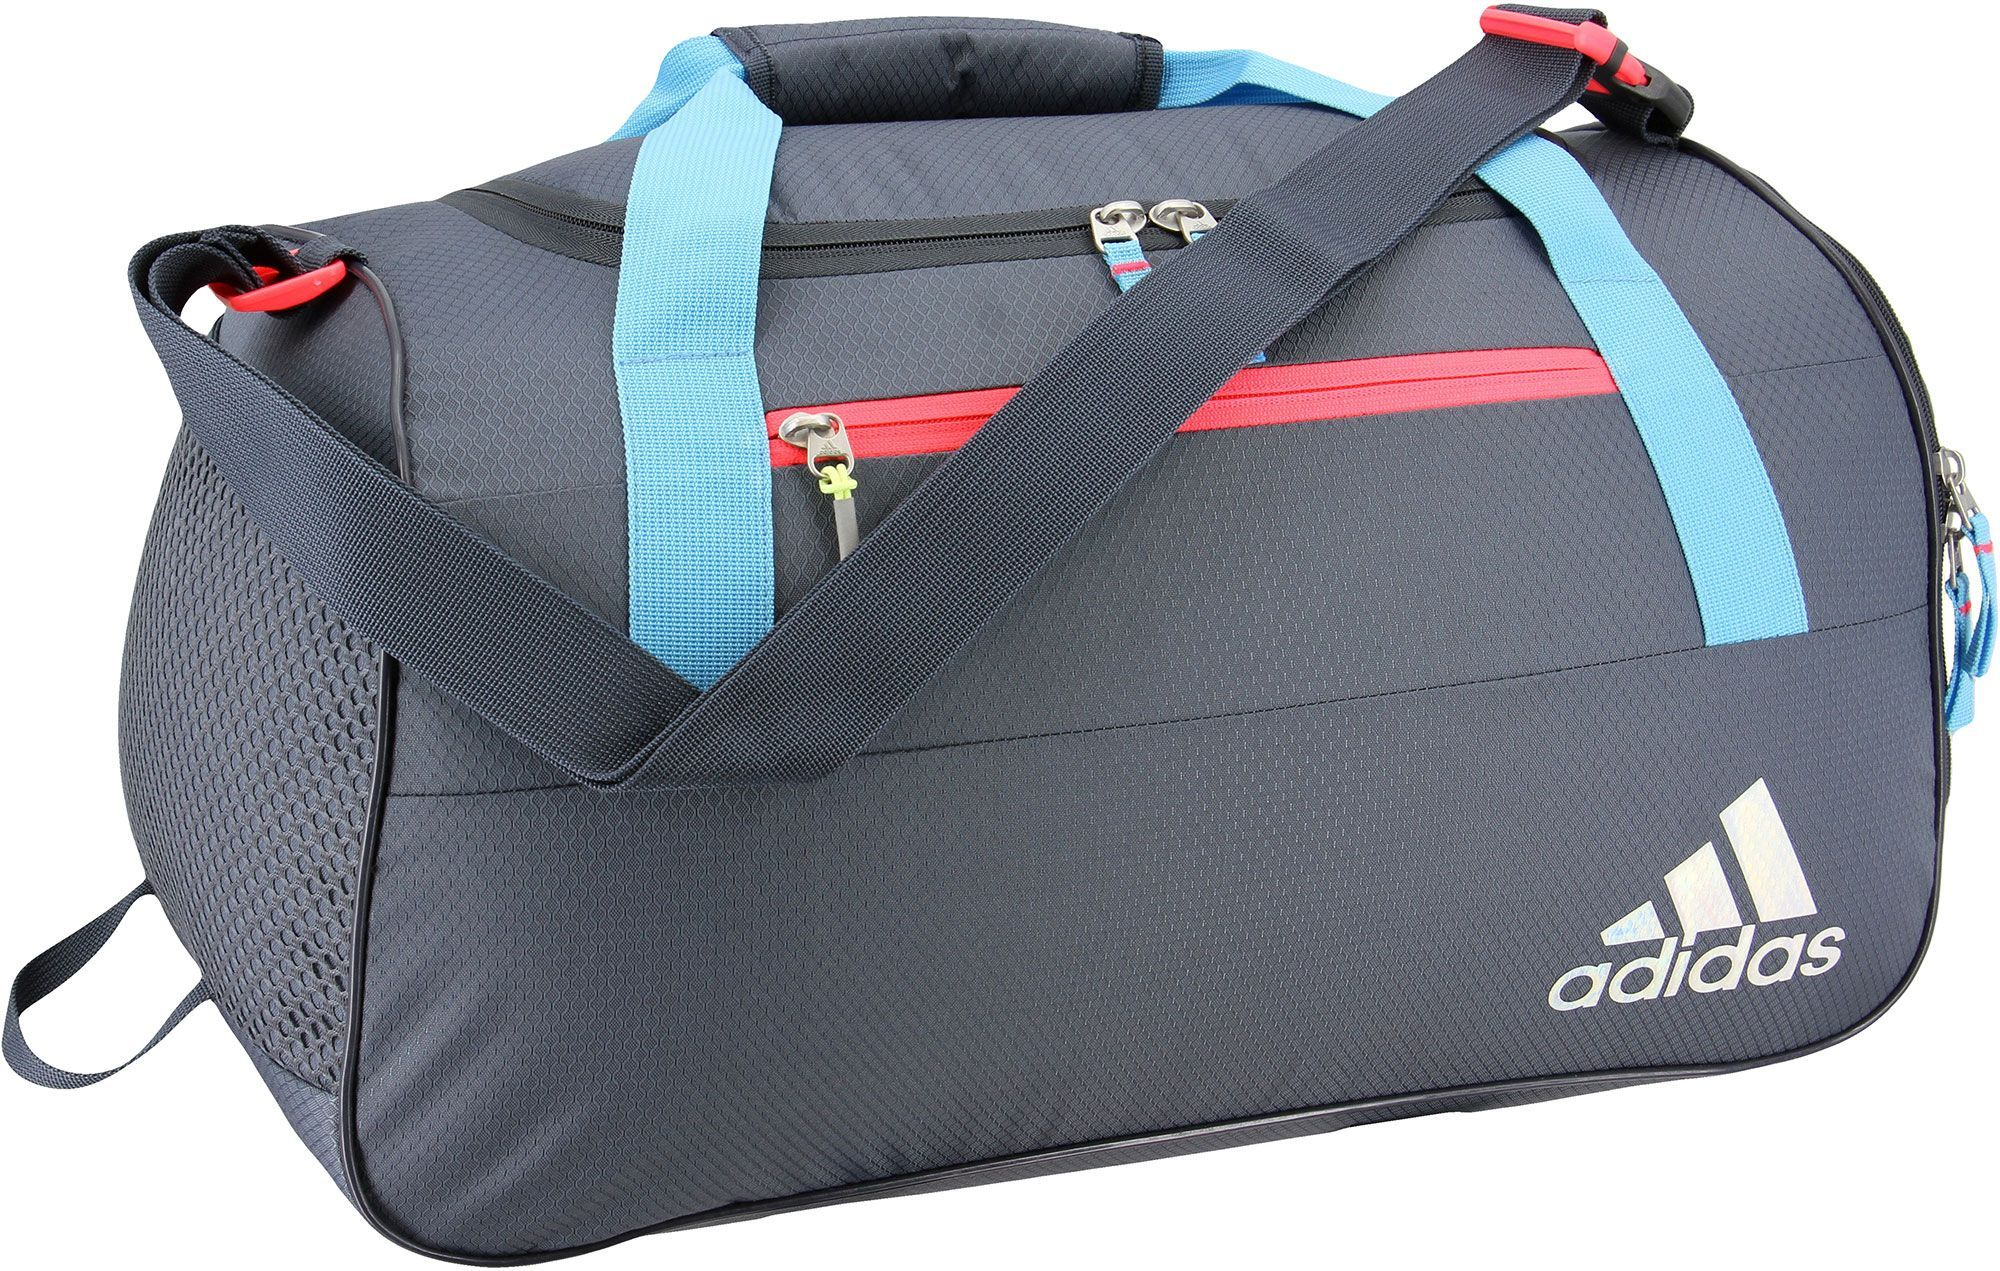 Adidas Women S Squad Iii Duffle Bag Bags Adidas Women Duffel Bag